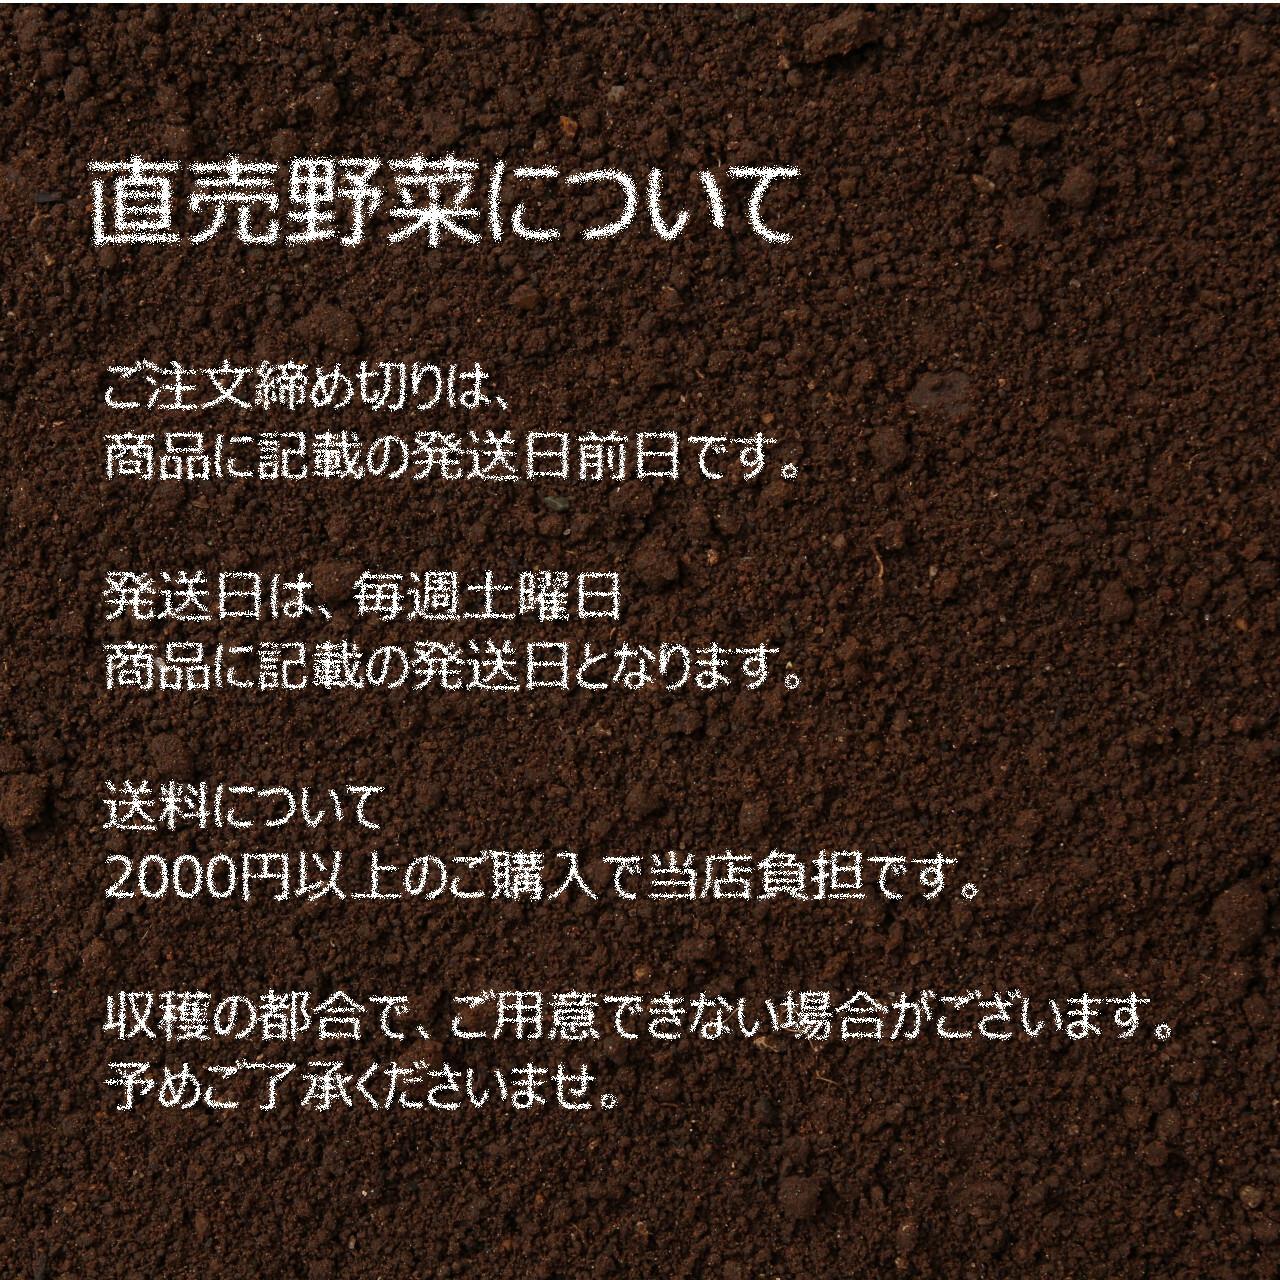 11月の朝採り直売野菜 : カリフラワー 約1個 新鮮な秋野菜 11月16日発送予定